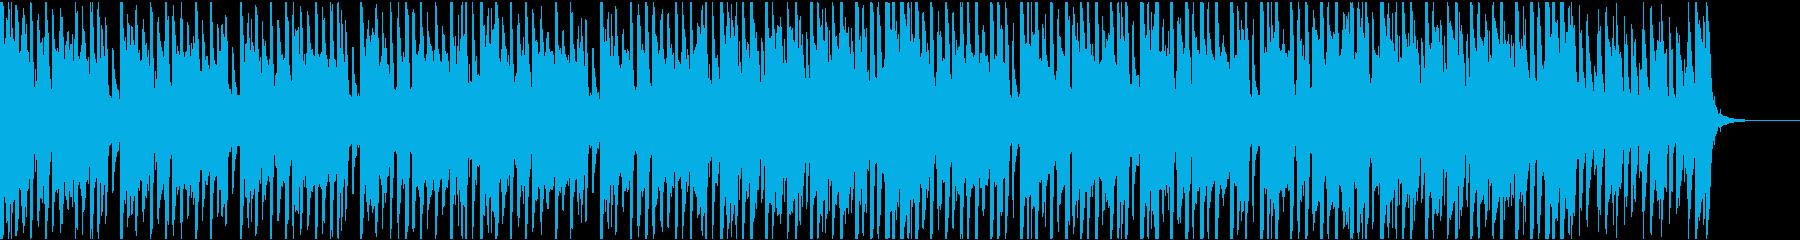 39秒でサビ、電子音ダーク/カラオケの再生済みの波形